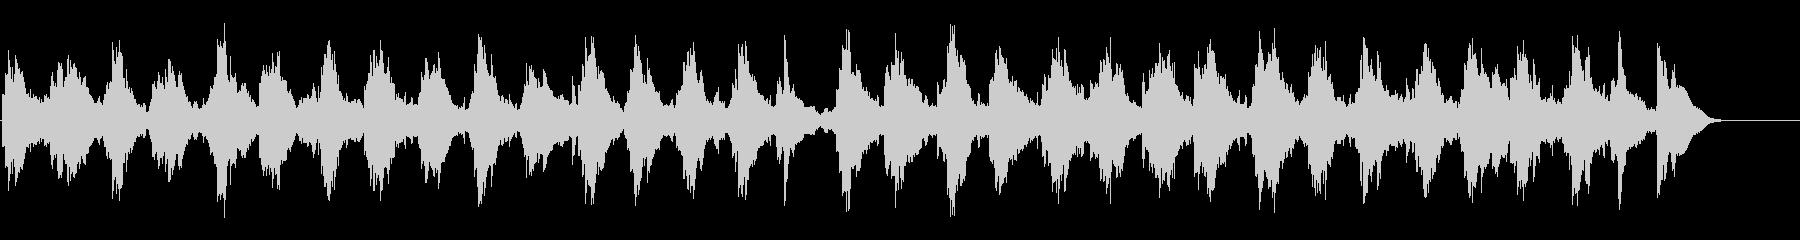 穏やかに虚しい雰囲気のBGMの未再生の波形